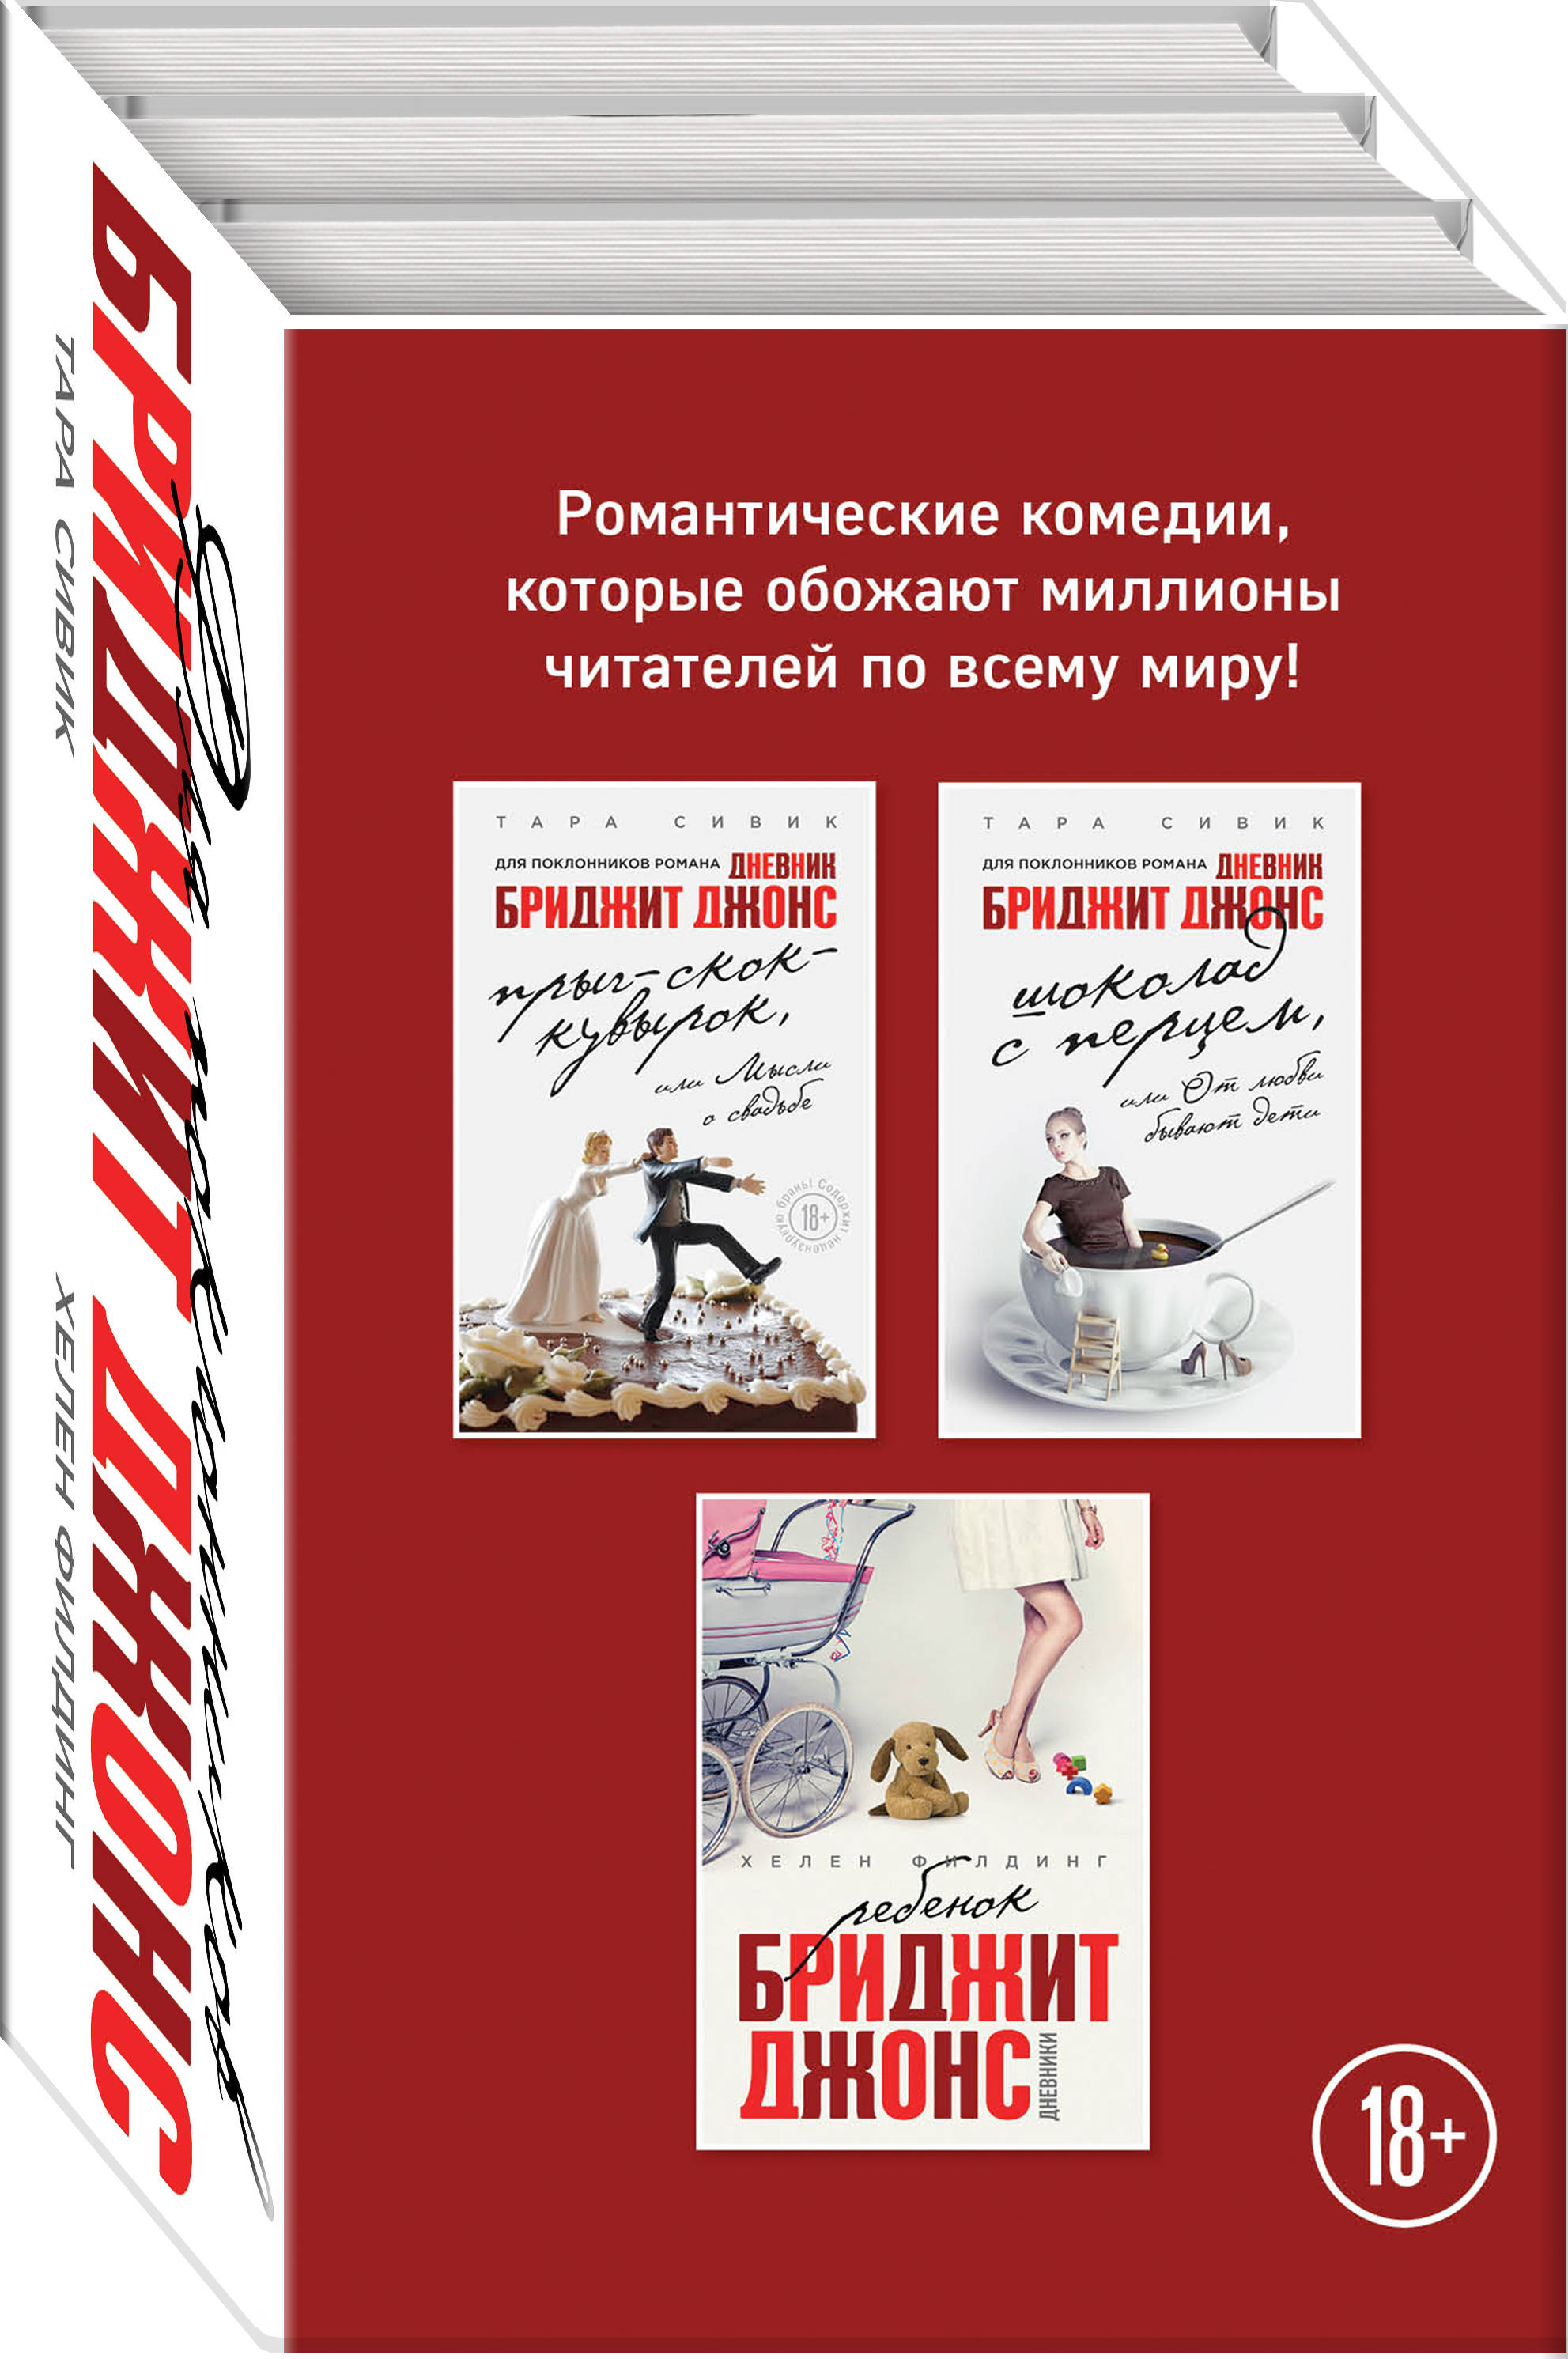 Сивик Т., Филдинг Х. Все о Бриджит Джонс и не только (комплект из 3 книг)